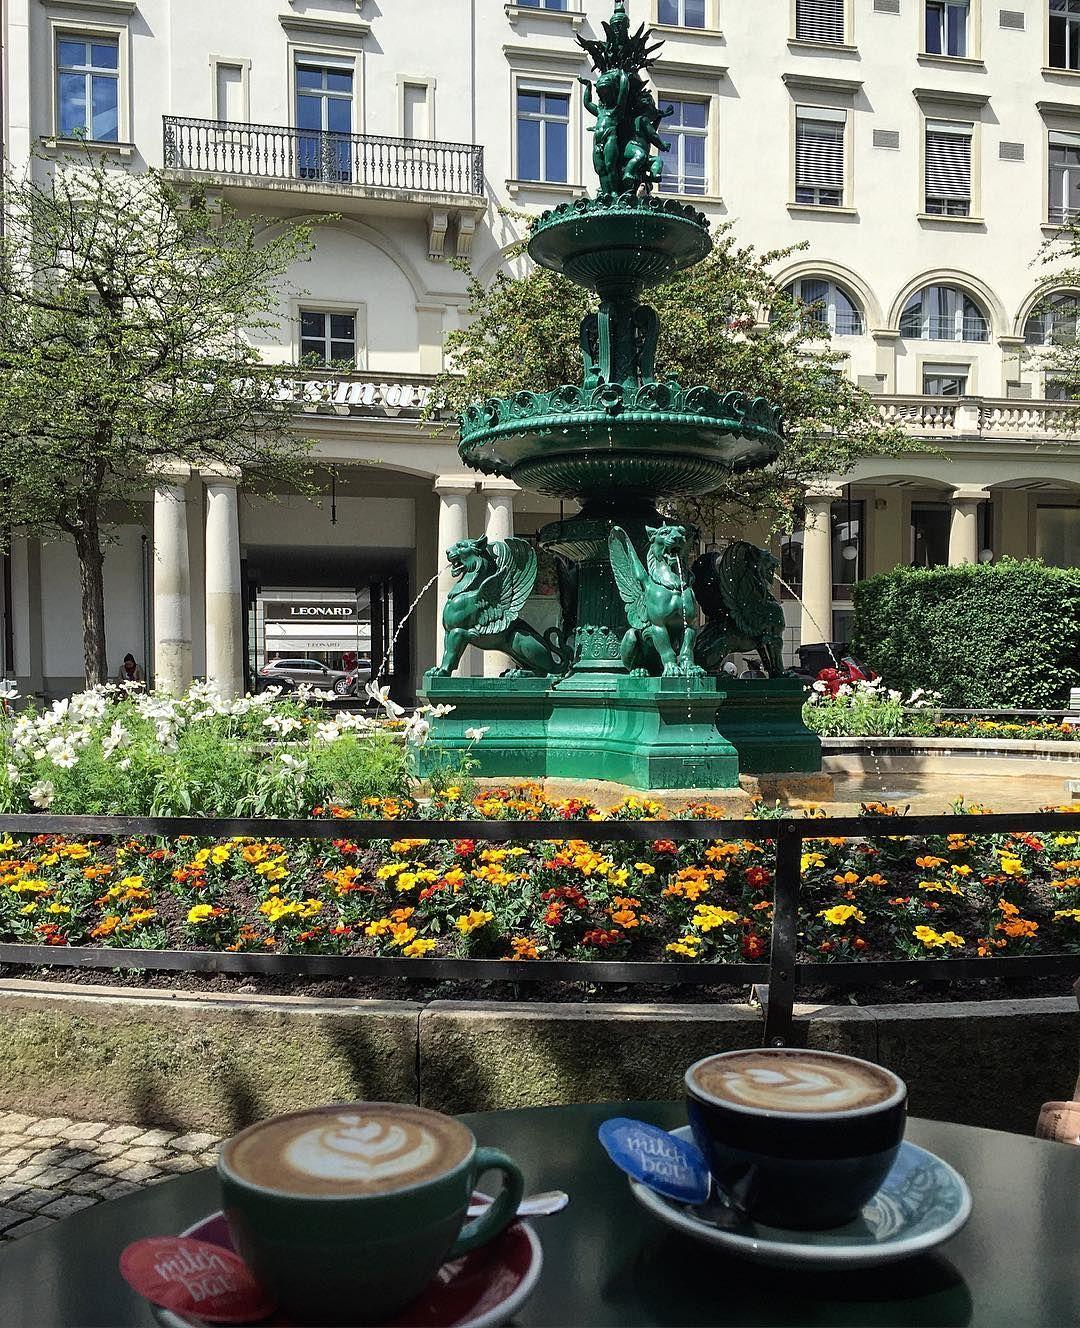 Coffee in Zürich at the Milchbar Paradeplatz, a charming